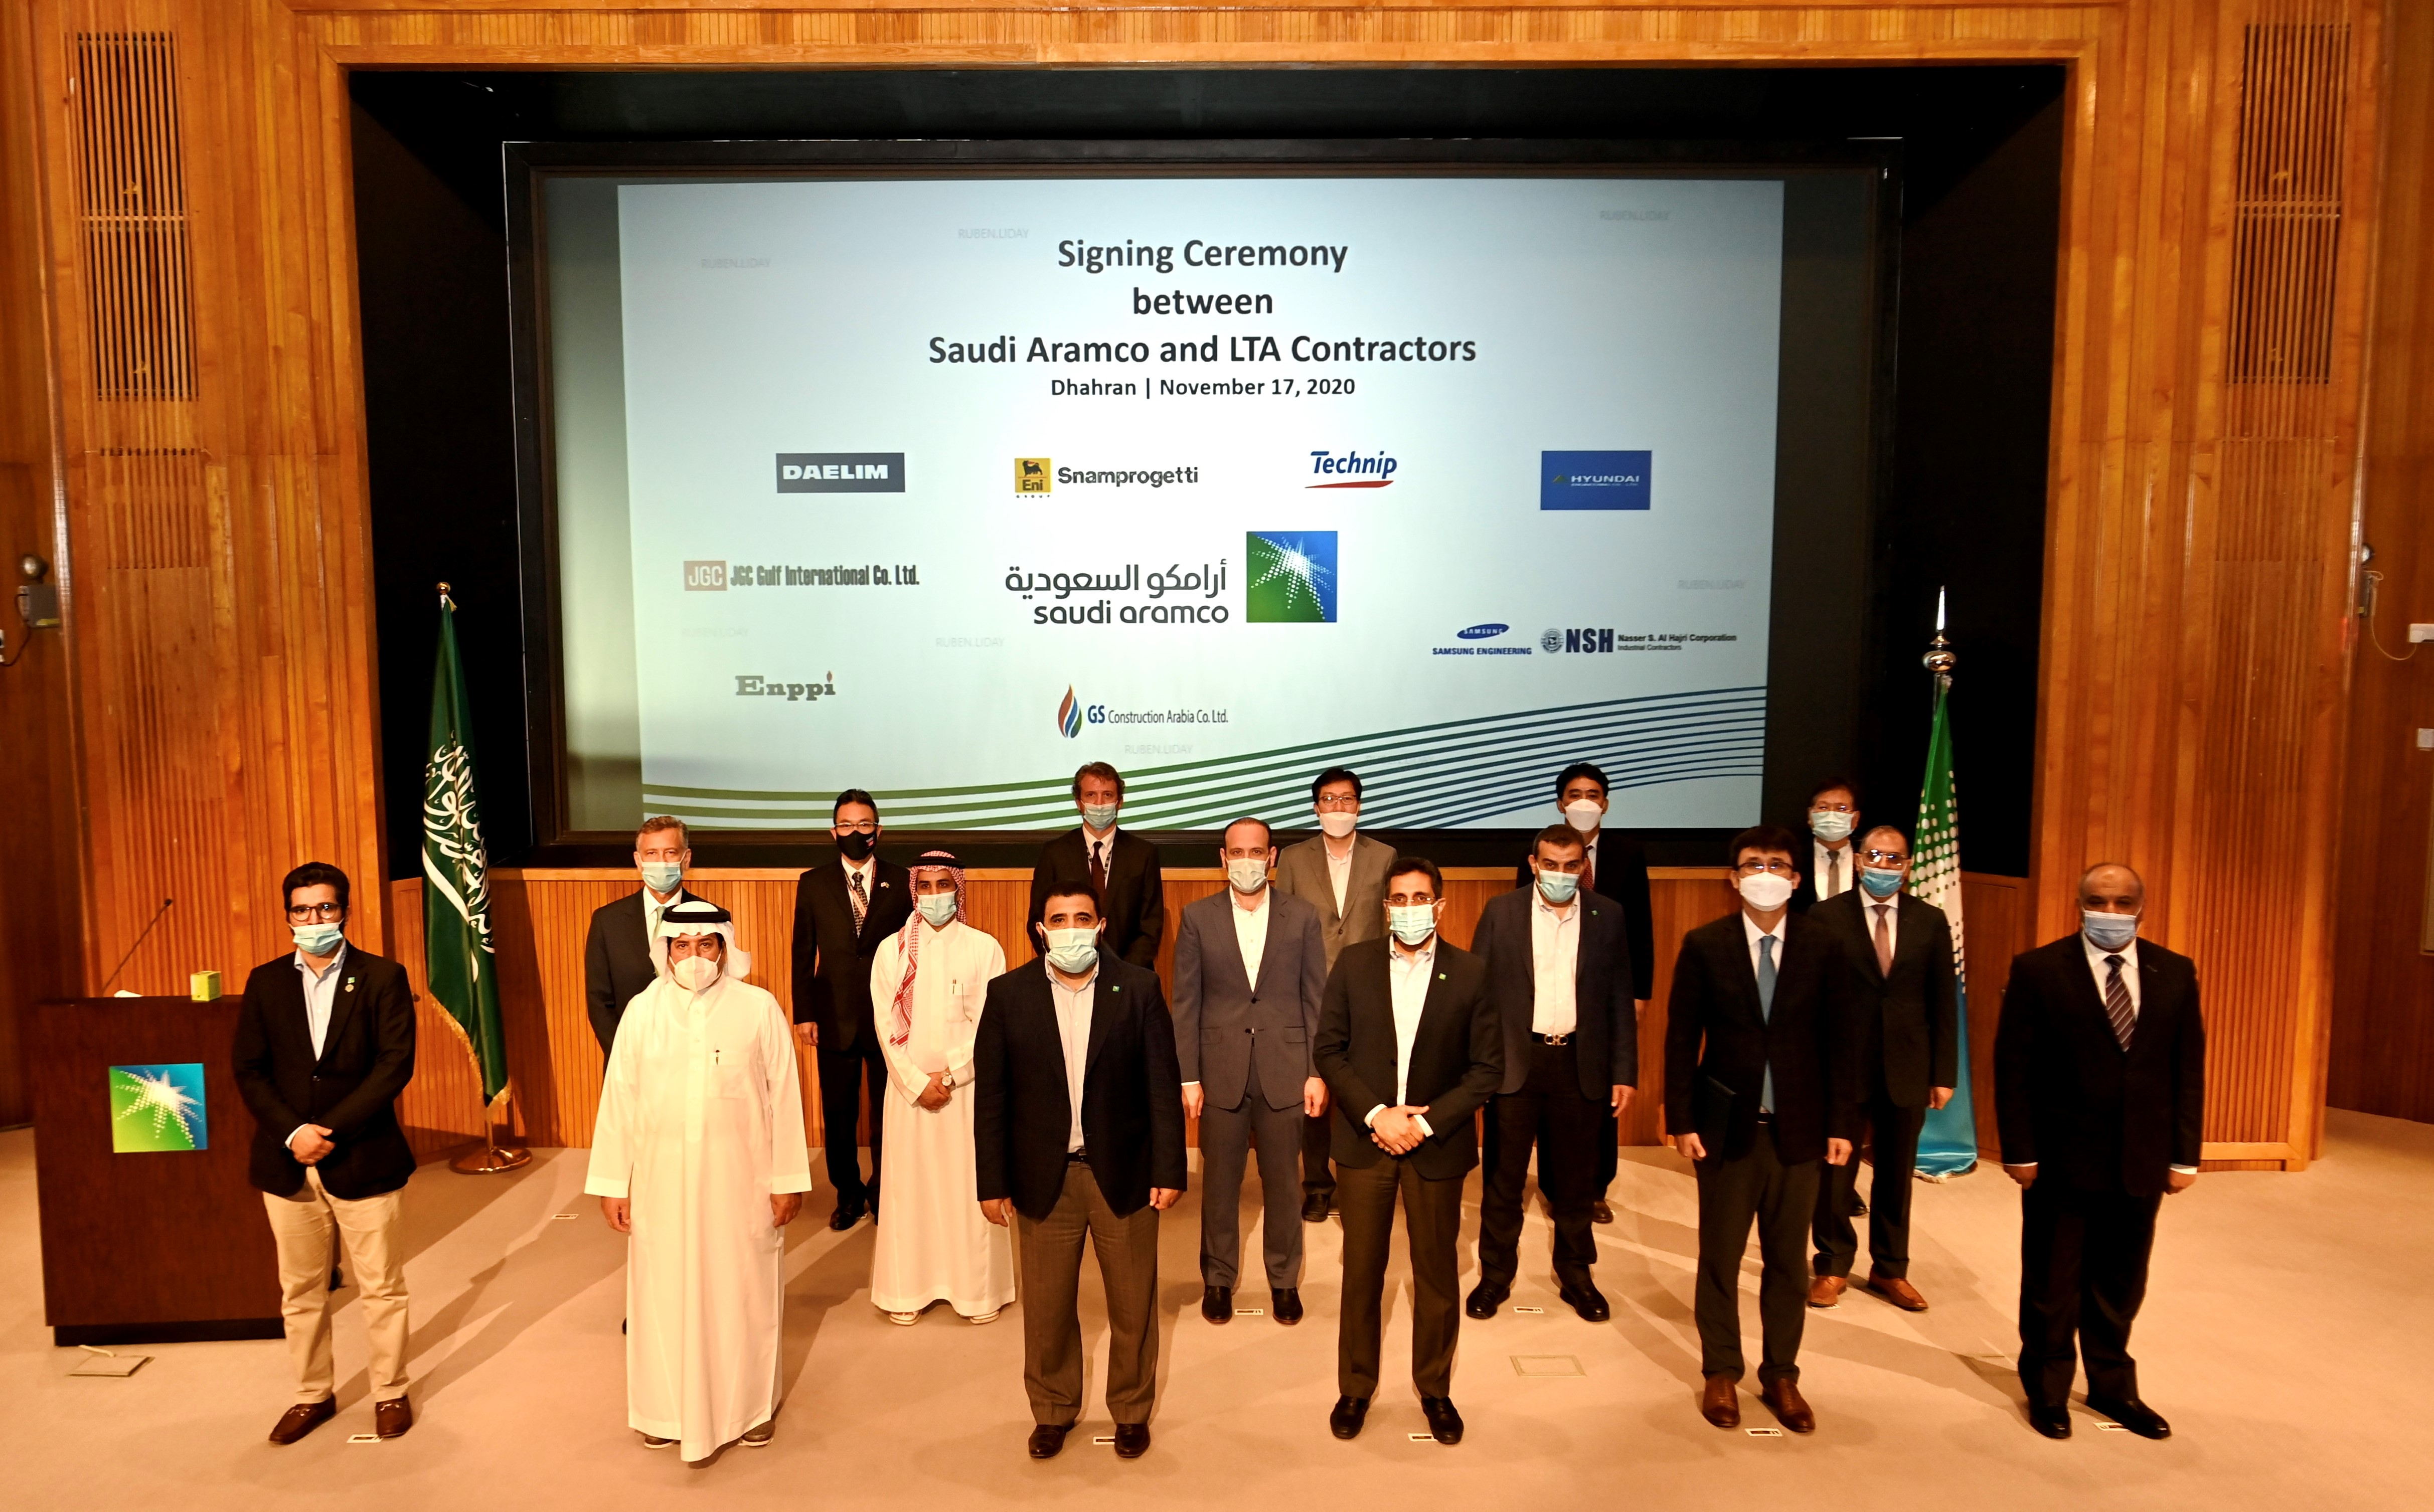 أرامكو السعودية تمنح اتفاقيات طويلة الأجل لثمان شركات لتطوير مشاريع قائمة في قطاعي النفط والغاز